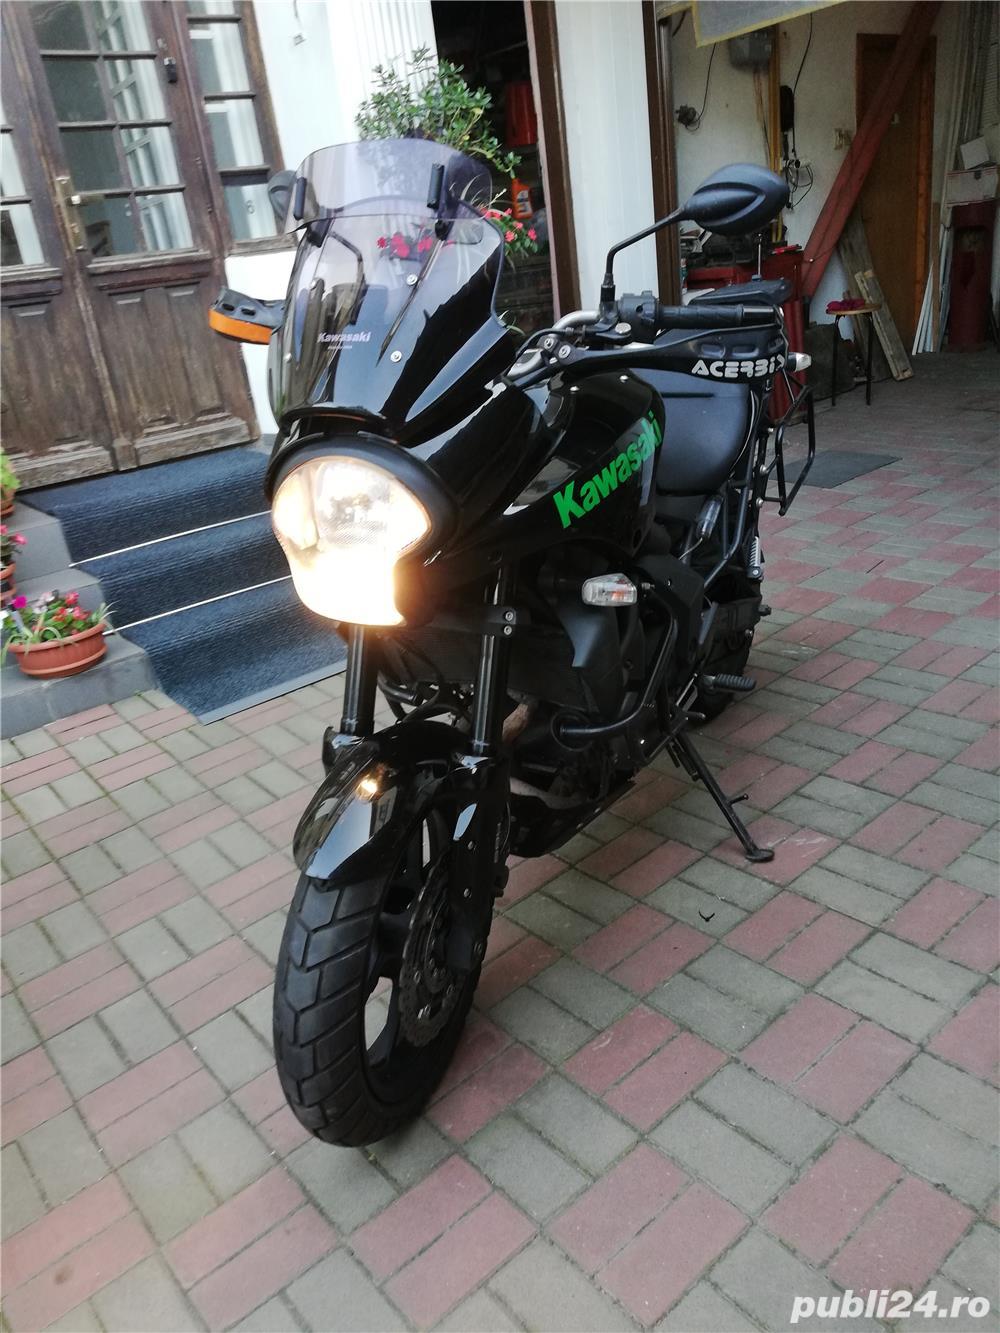 Kawasaki Versys 650, ABS